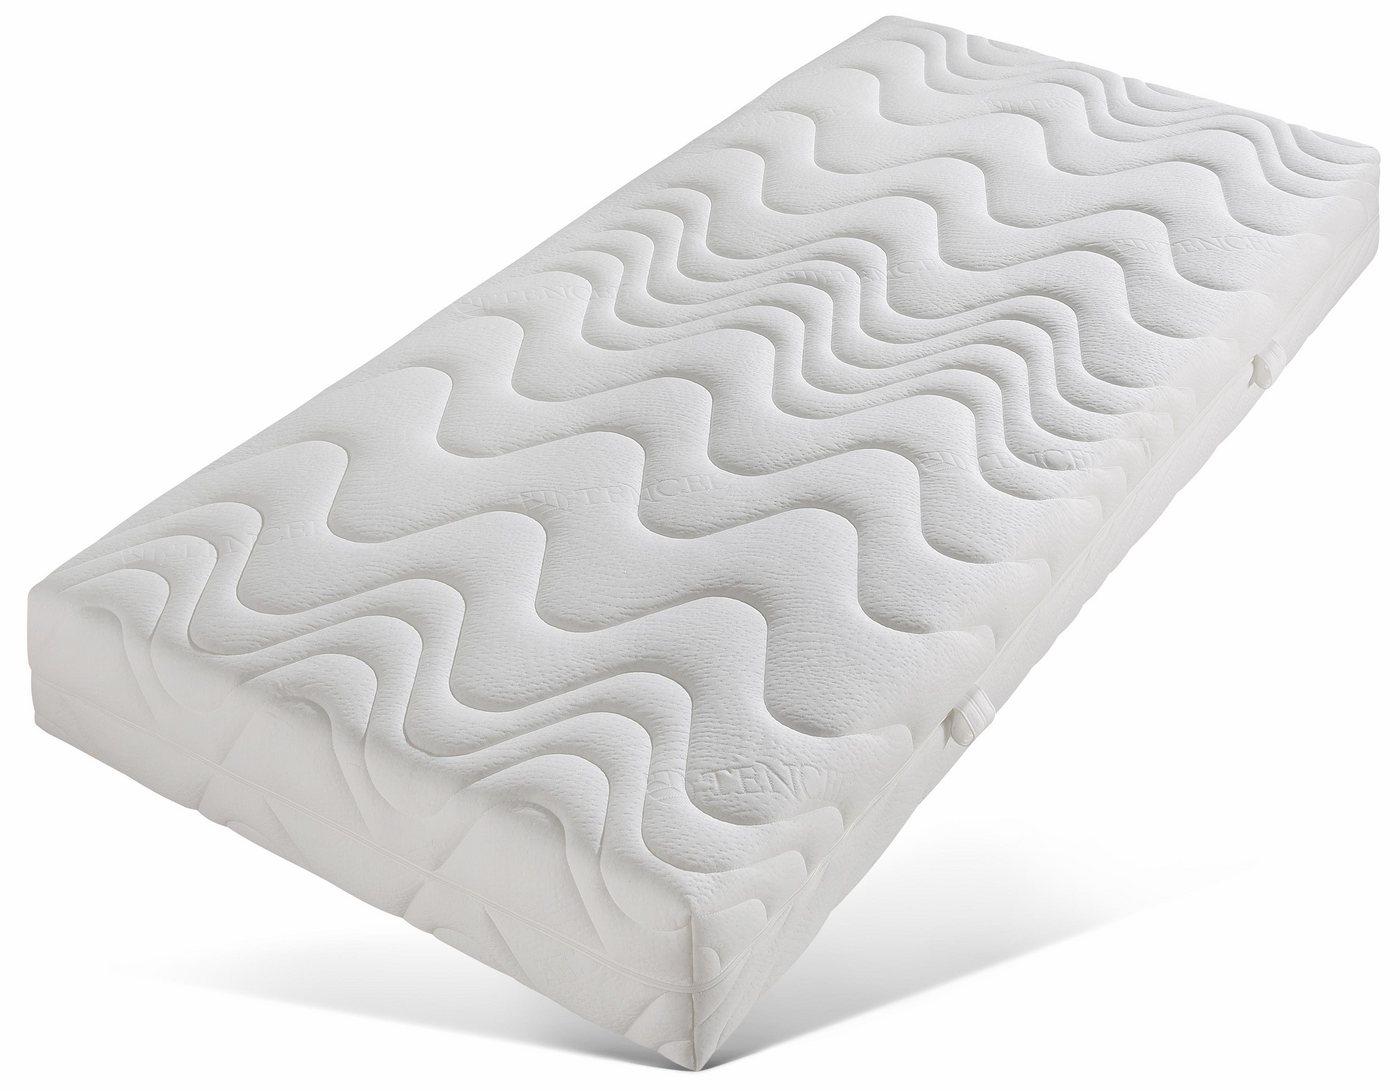 Gelschuimmatras, Pro Gel Luxus, BECO, 26 cm dik, dichtheid: 40+32